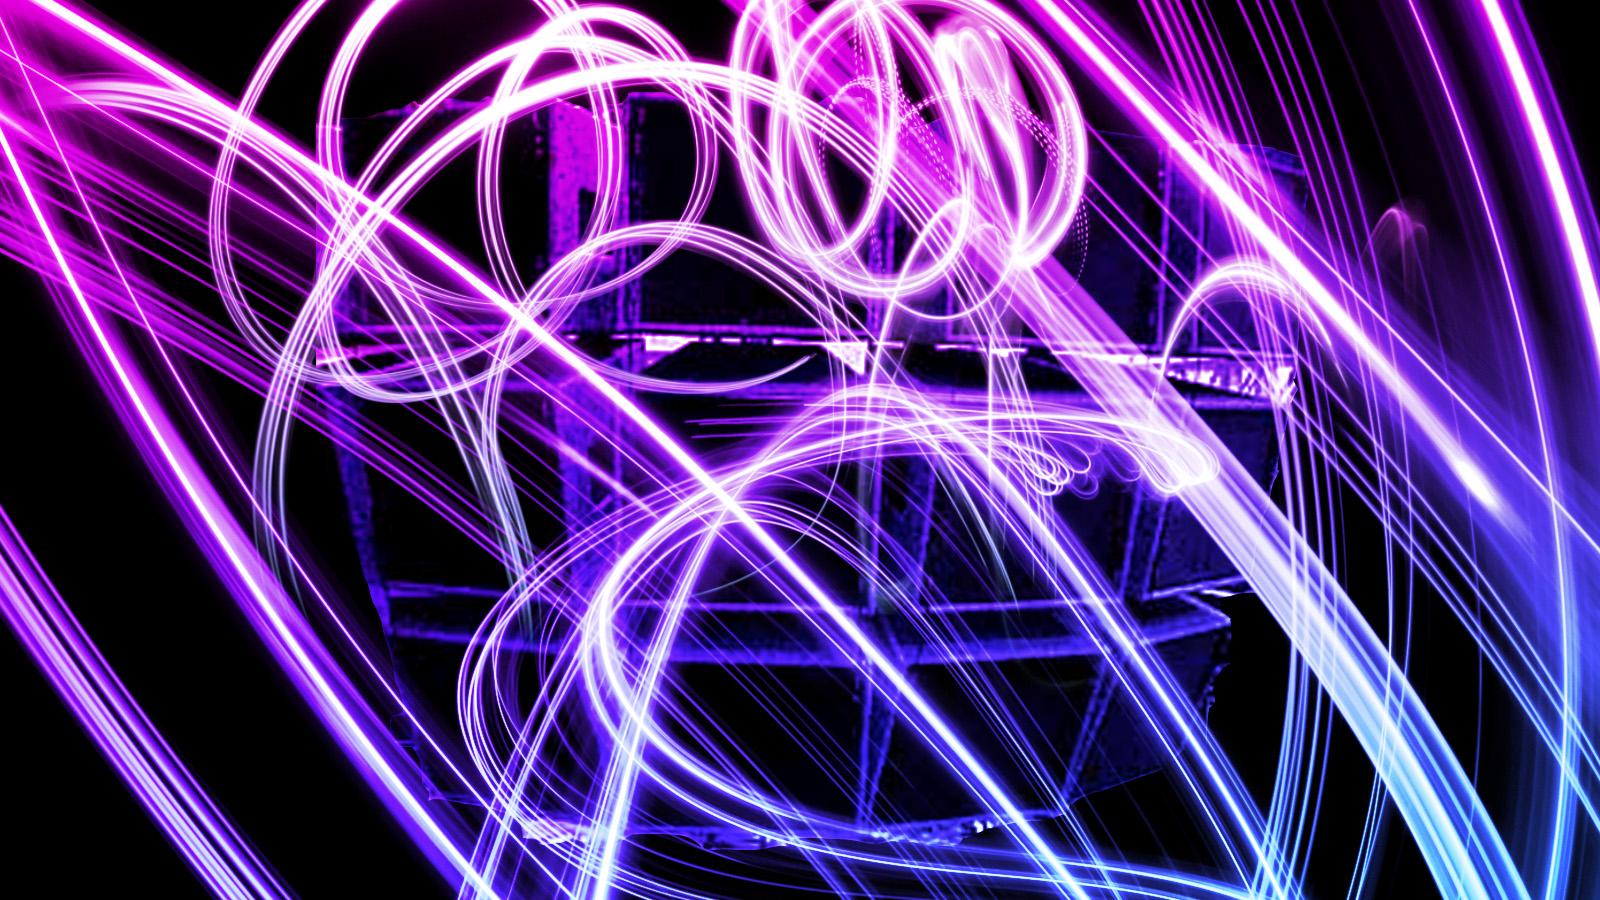 Neon Lights Background Neon lights background by joe 1600x900